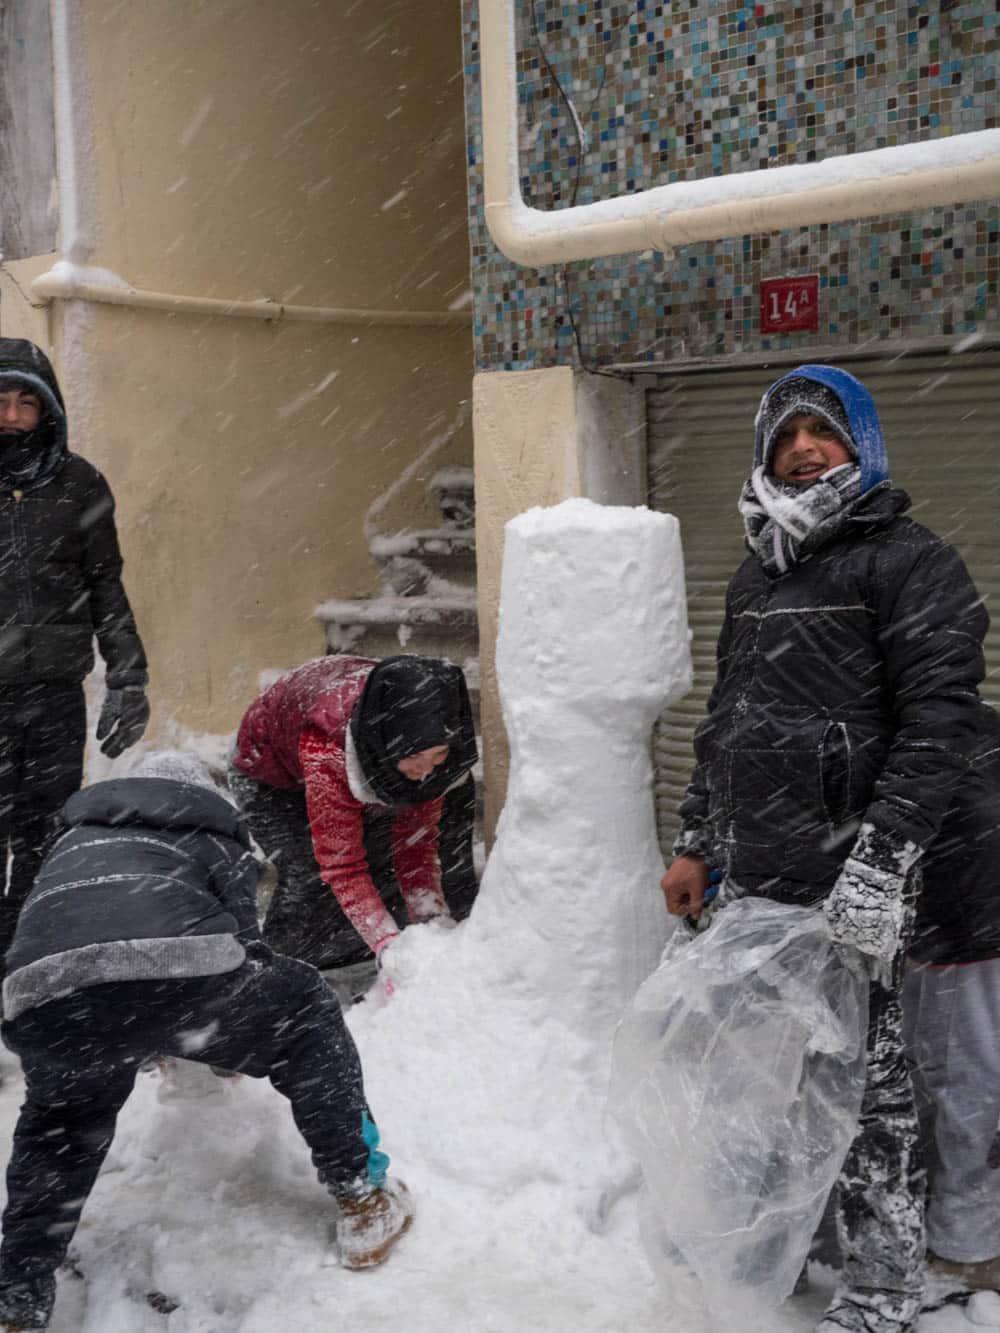 Barn lager snøfigur i gatene i Balat, Istanbul januar 2017 / Et kjøkken i Istanbul (foto: Vidar Bergum)